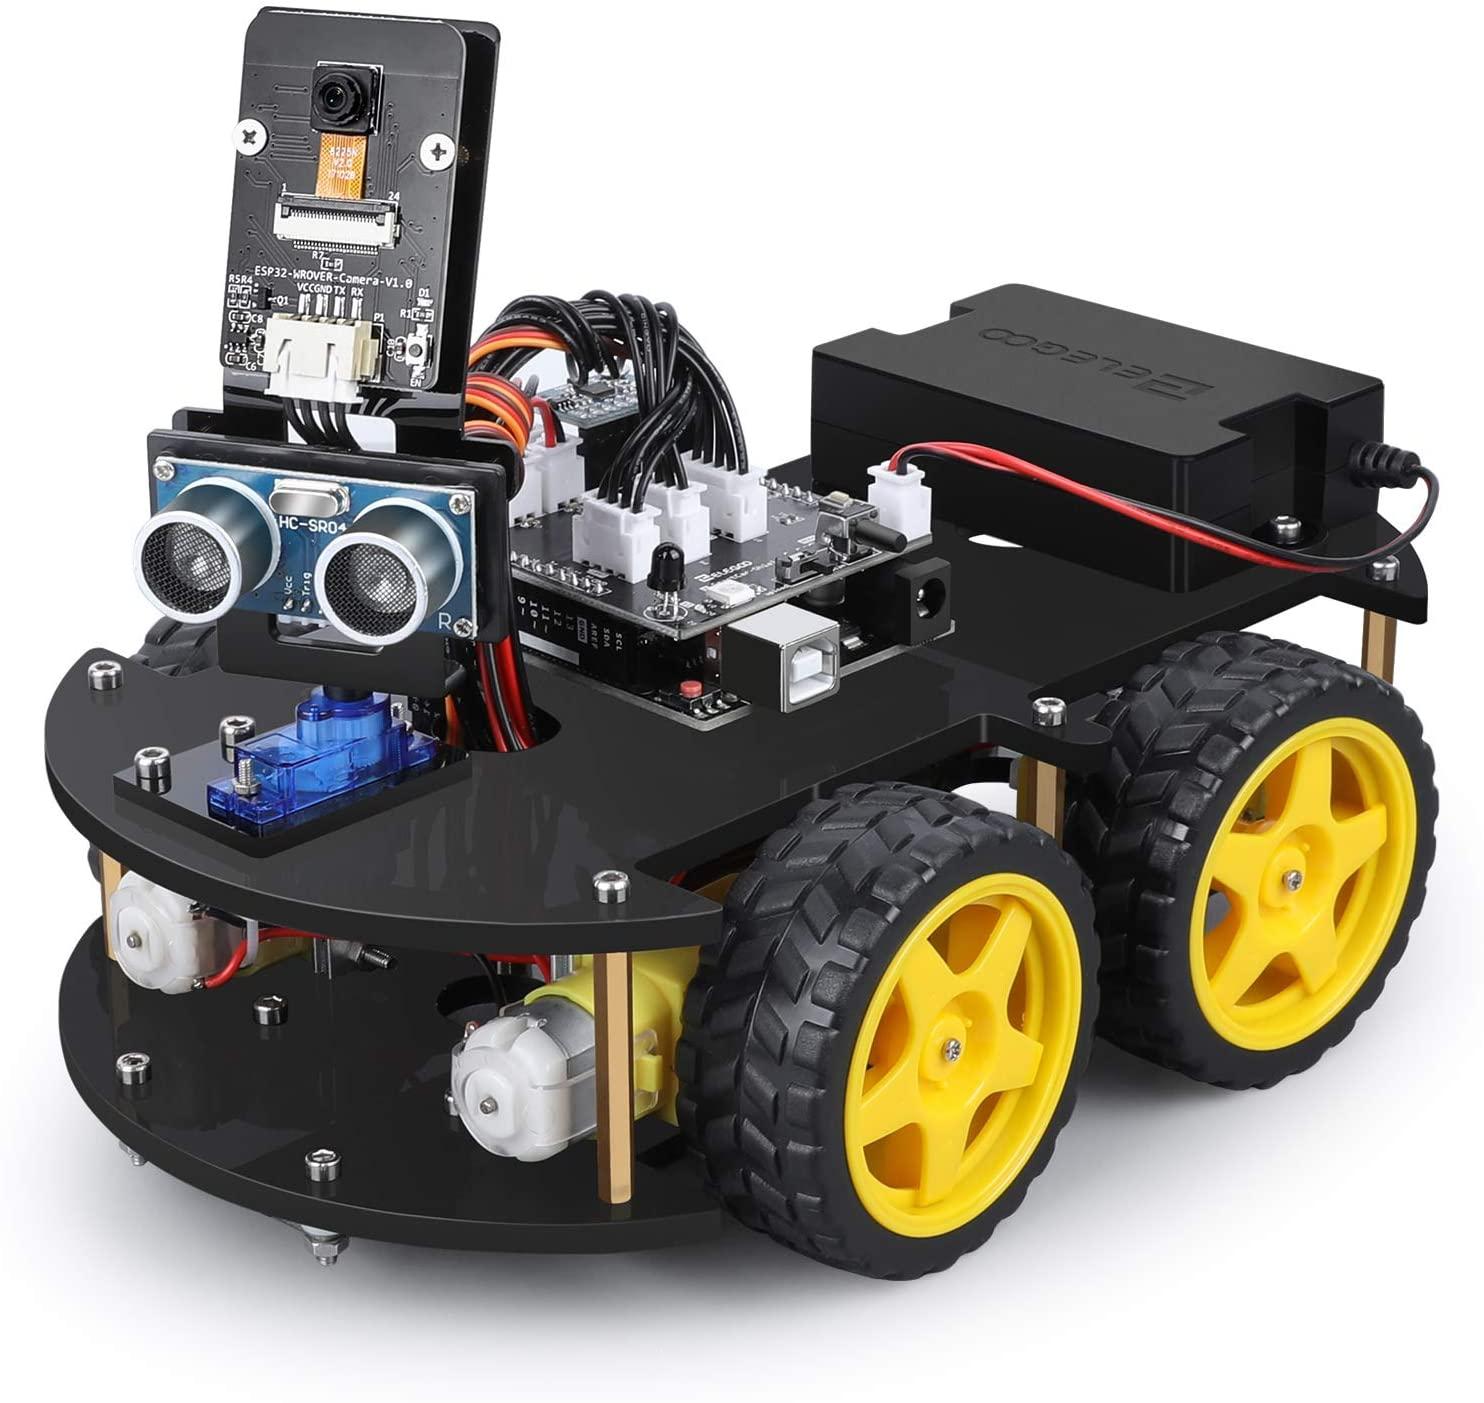 Montage & test du robot voiture intelligente V4.0 avec Caméra de la marque Elegoo